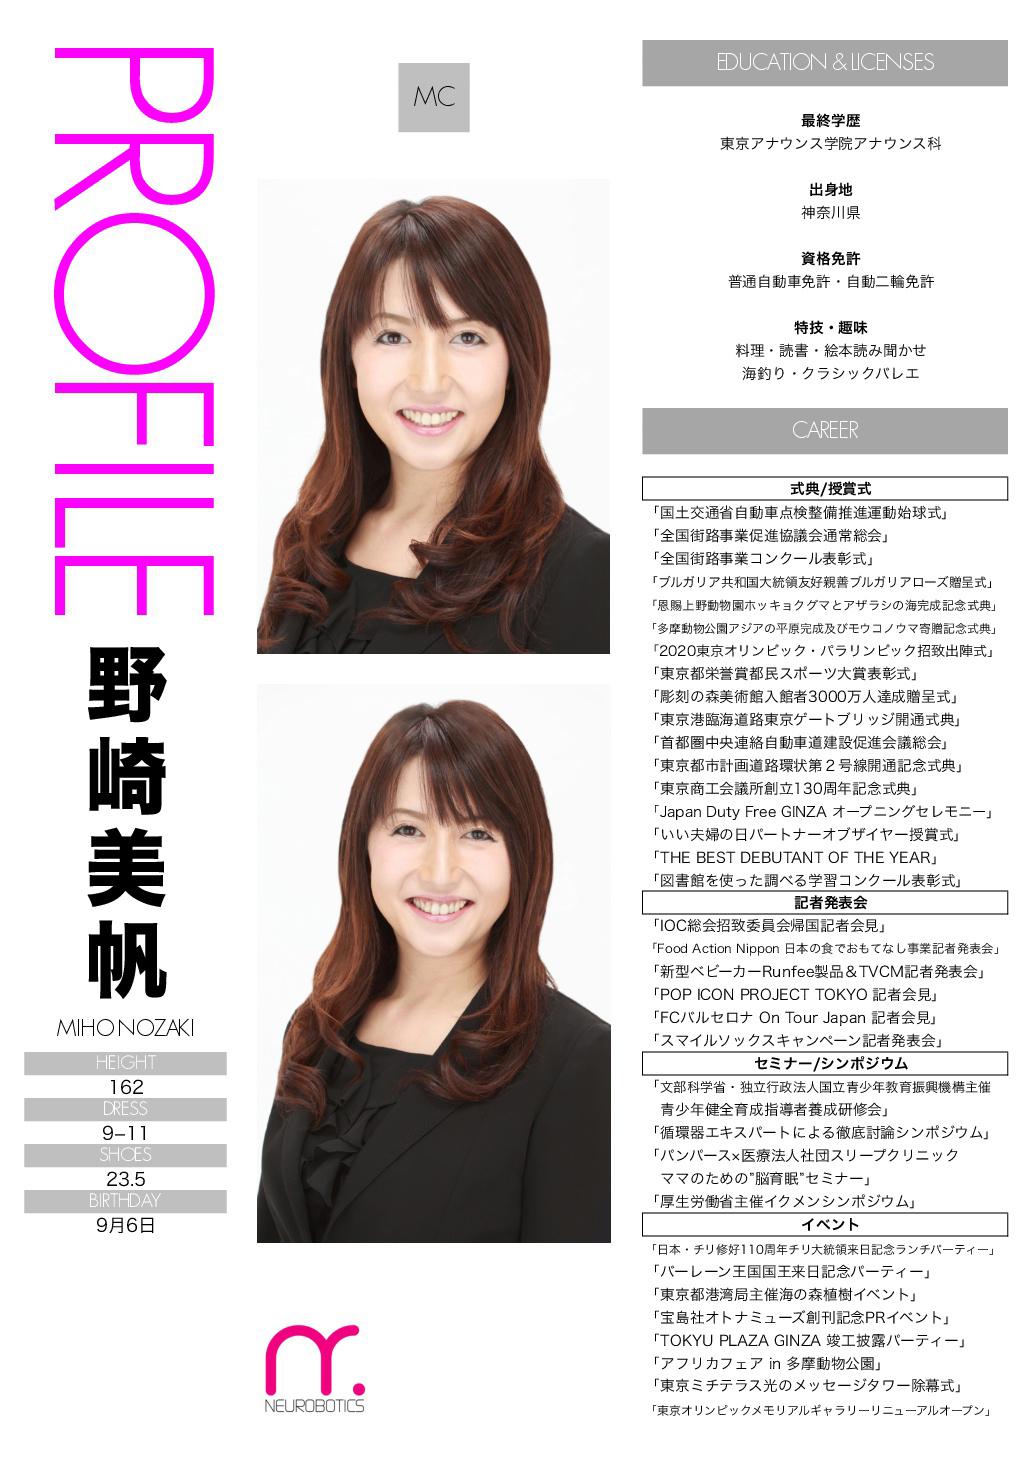 nozaki_miho2016